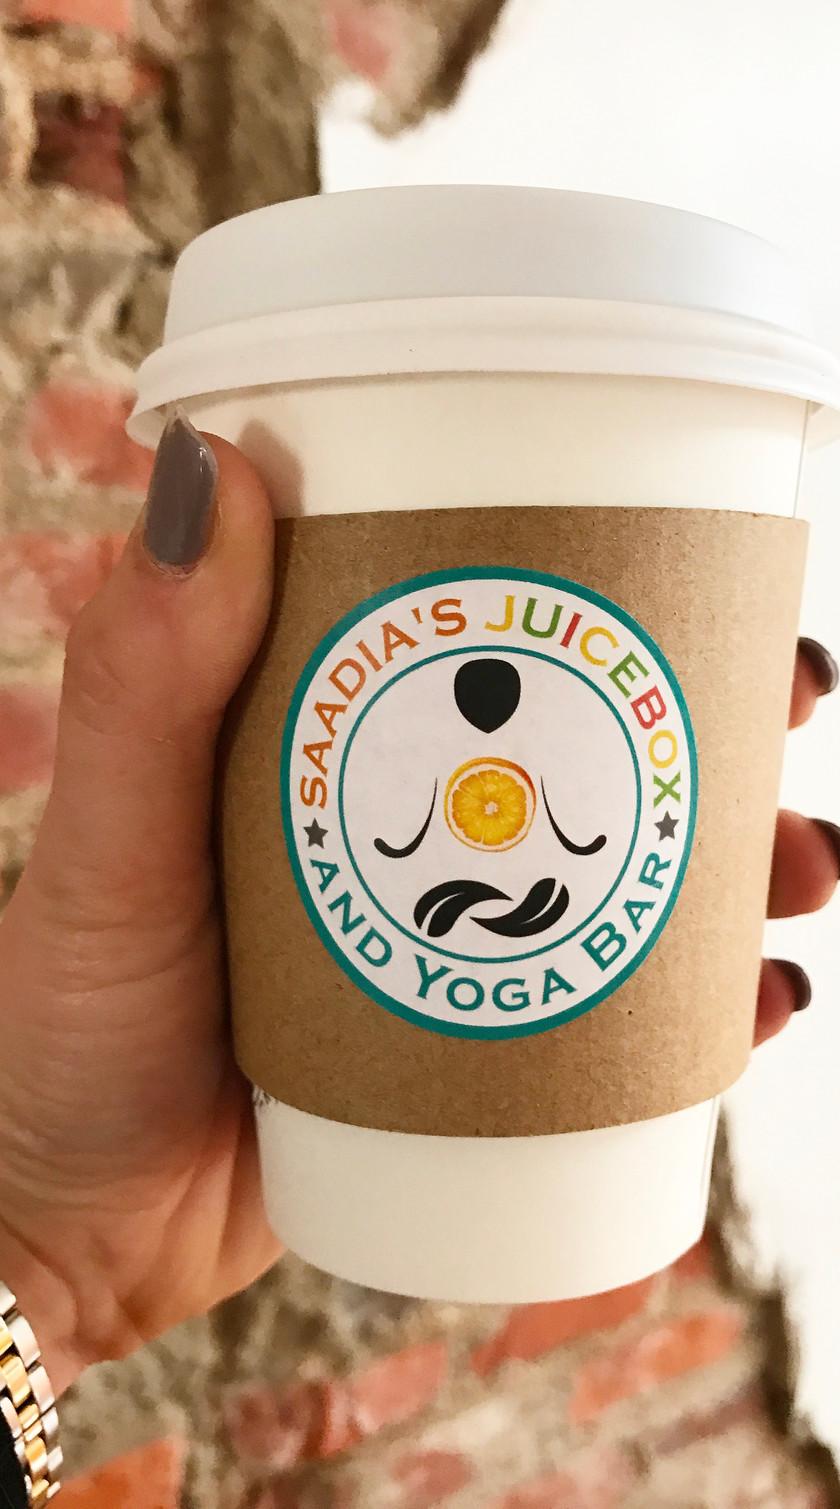 Kaitlynn Stone at Saadia's Juicebox & Yoga Bar